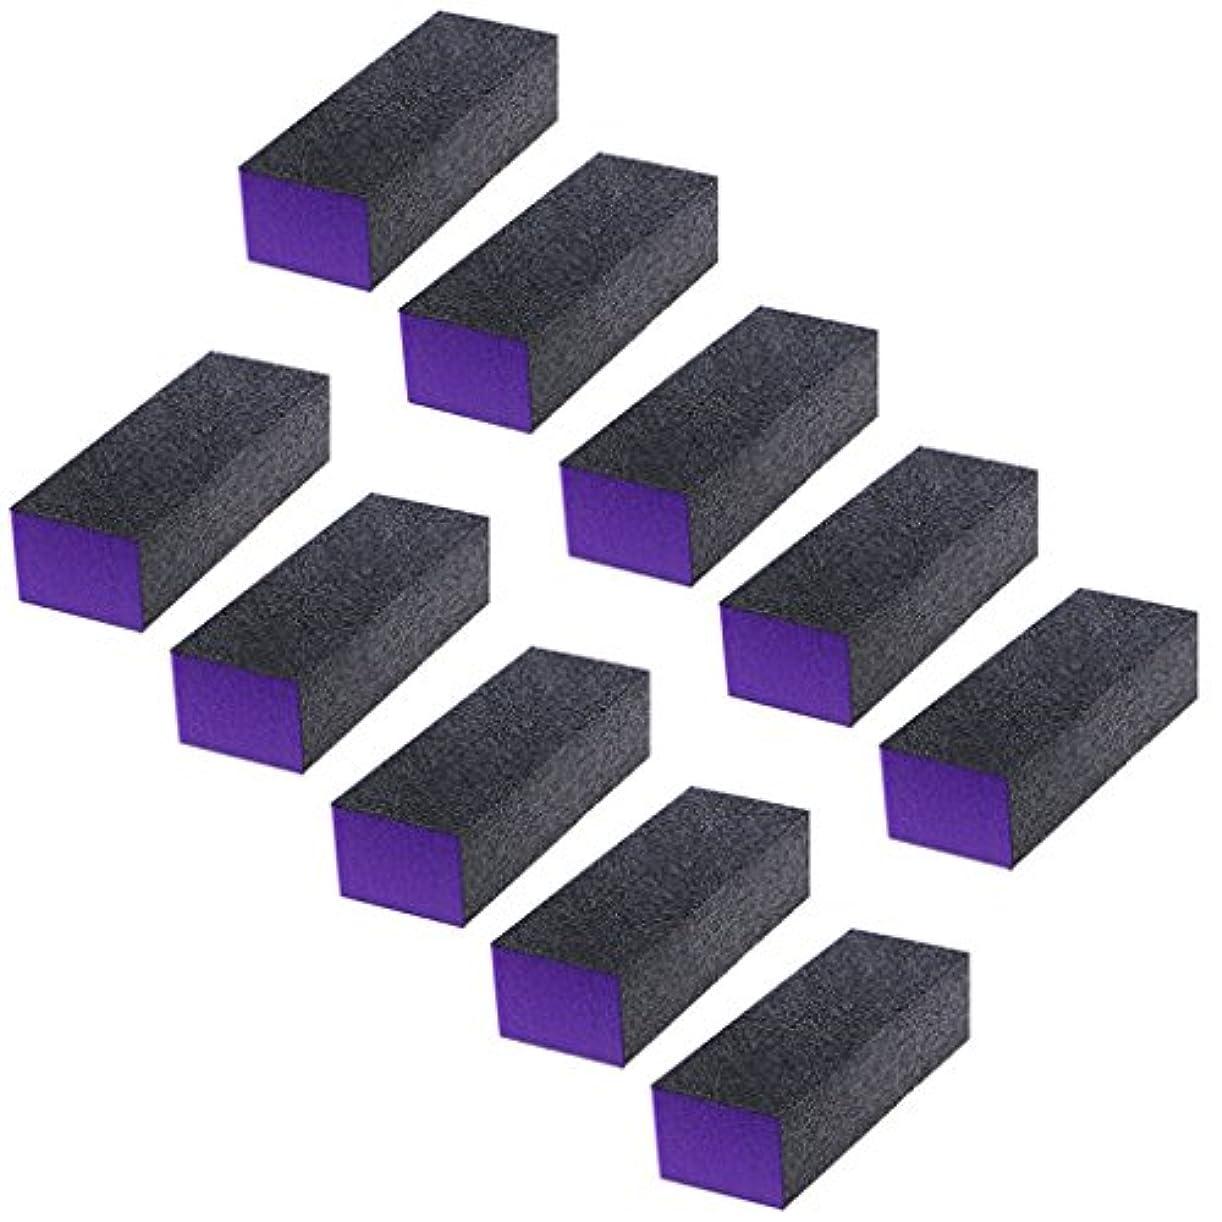 プロトタイプかき混ぜる漫画ジャッキー黒紫豆腐ブロック10個ピース黒紫バッファーバフ研磨サンディングブロックファイルグリットネイルアートツールセット